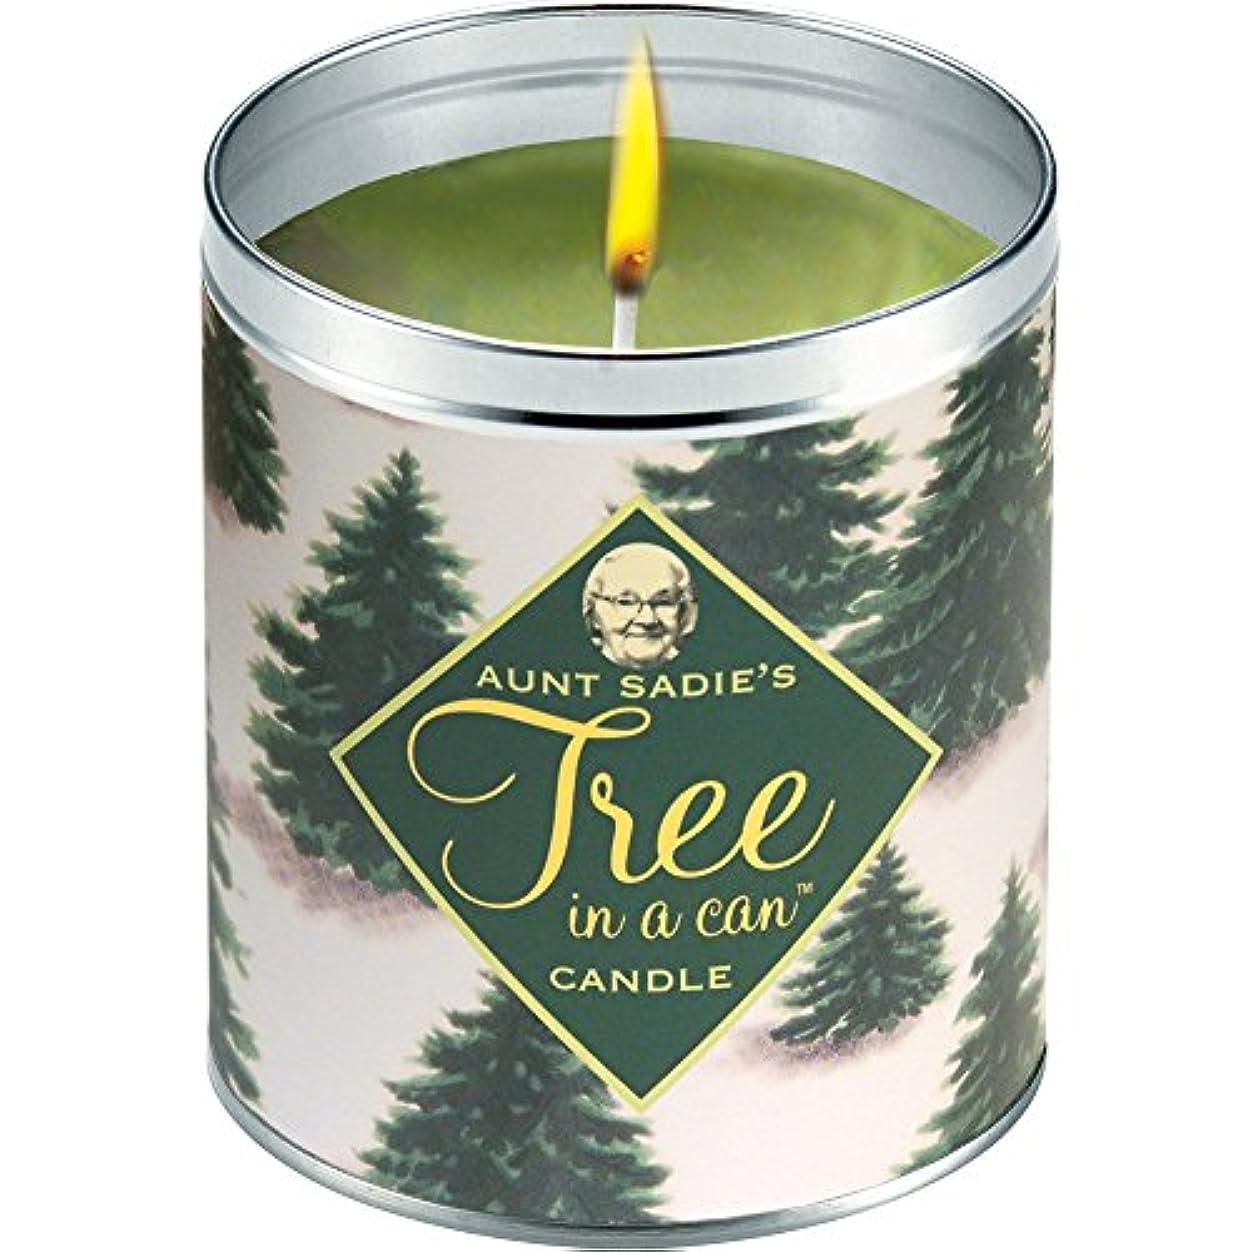 ミントブレンド広い叔母Sadie 's Snowy Tree Candle、Pine by Aunt Sadies